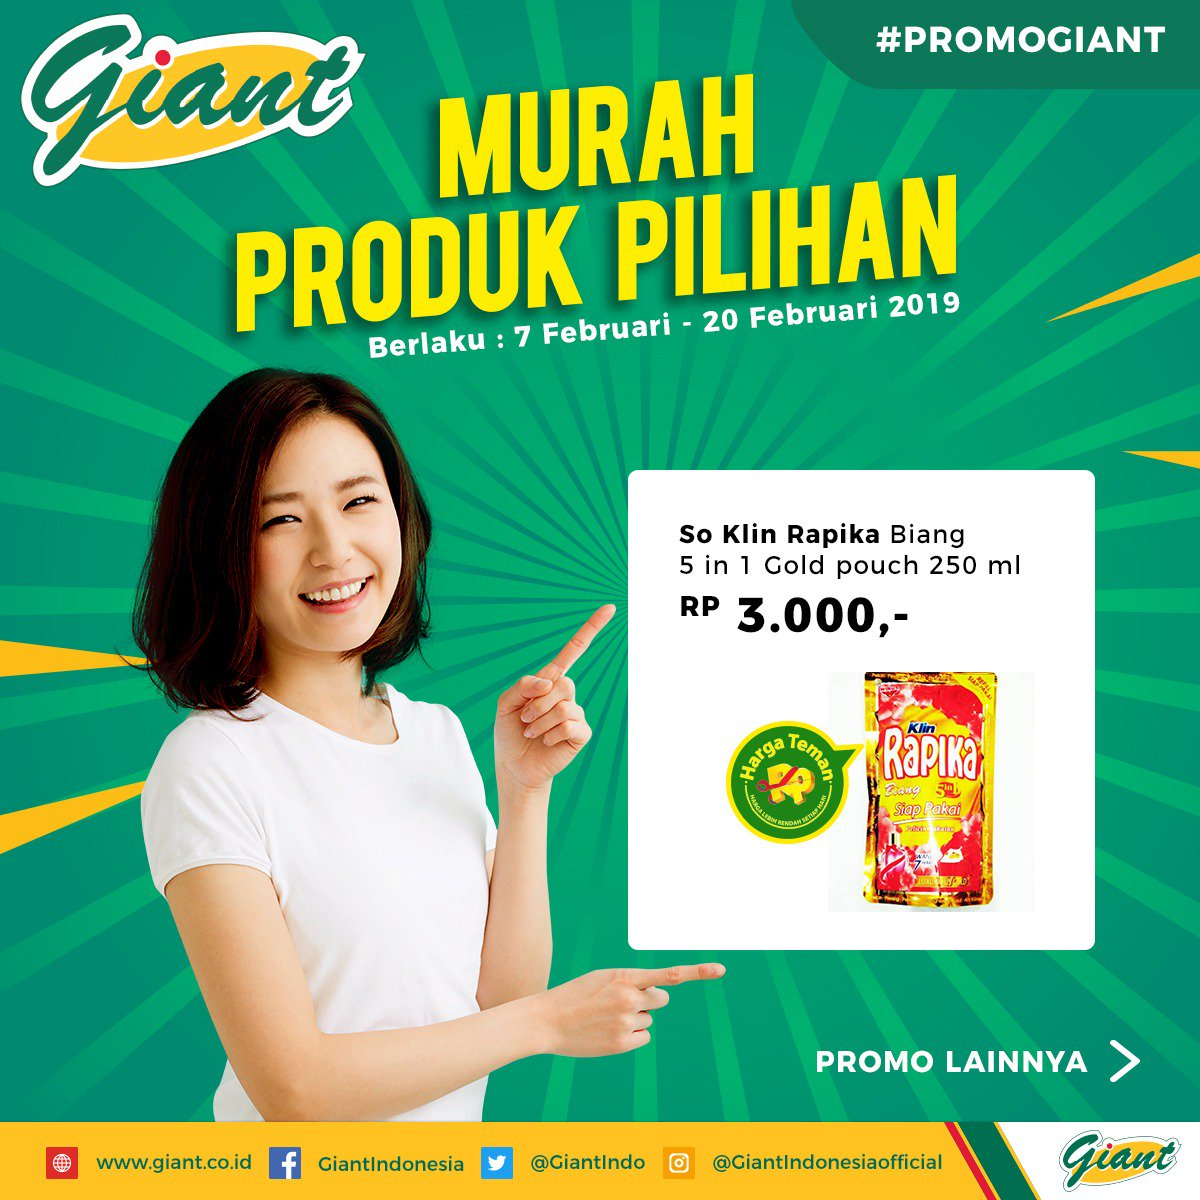 Yang selalu promo setiap hari di Giant. Mau belanja bulanan? Yuk cek katalog terbaru di Giant. Promo Mailer berlaku 7-20 Februari 2019 di Giant Ekstra dan Giant Ekspres.  #YukBelanja ke Giant ke sebelum kehabisan!  #PromoGiant #GiantIndonesia